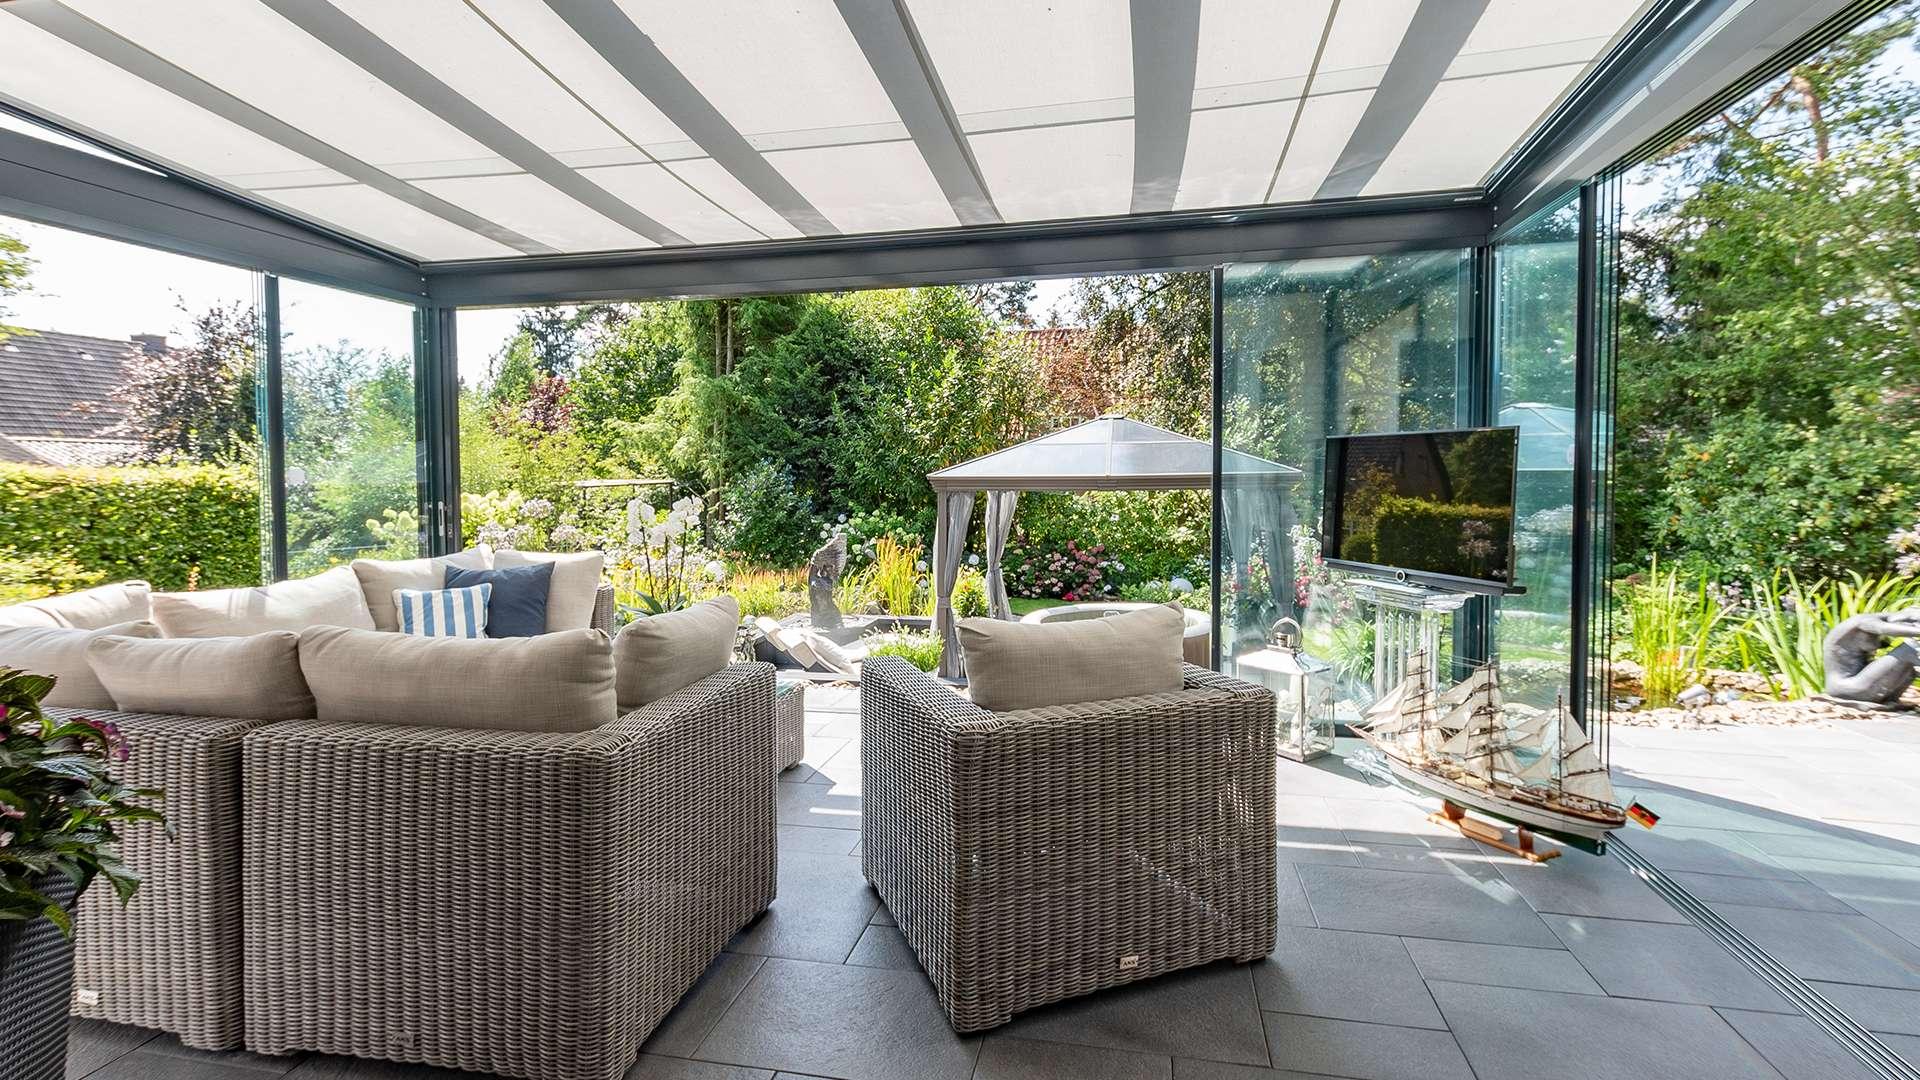 Terrassendach mit weißer Unterglasmarkise und moderner Sitzgruppe mit Blick in einen Garten